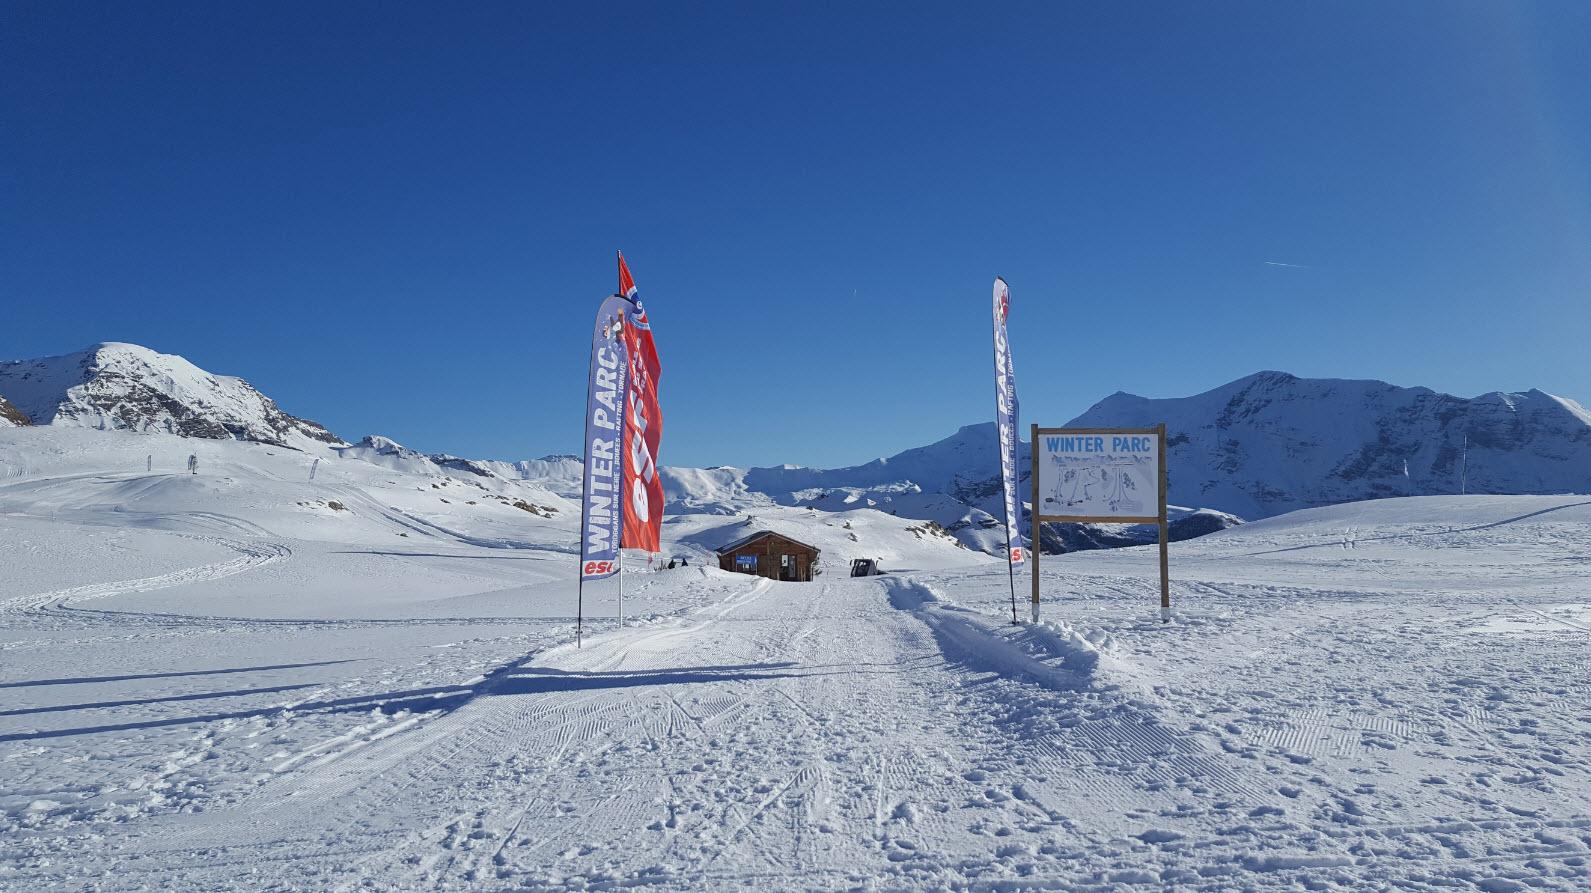 Entree Winterparc